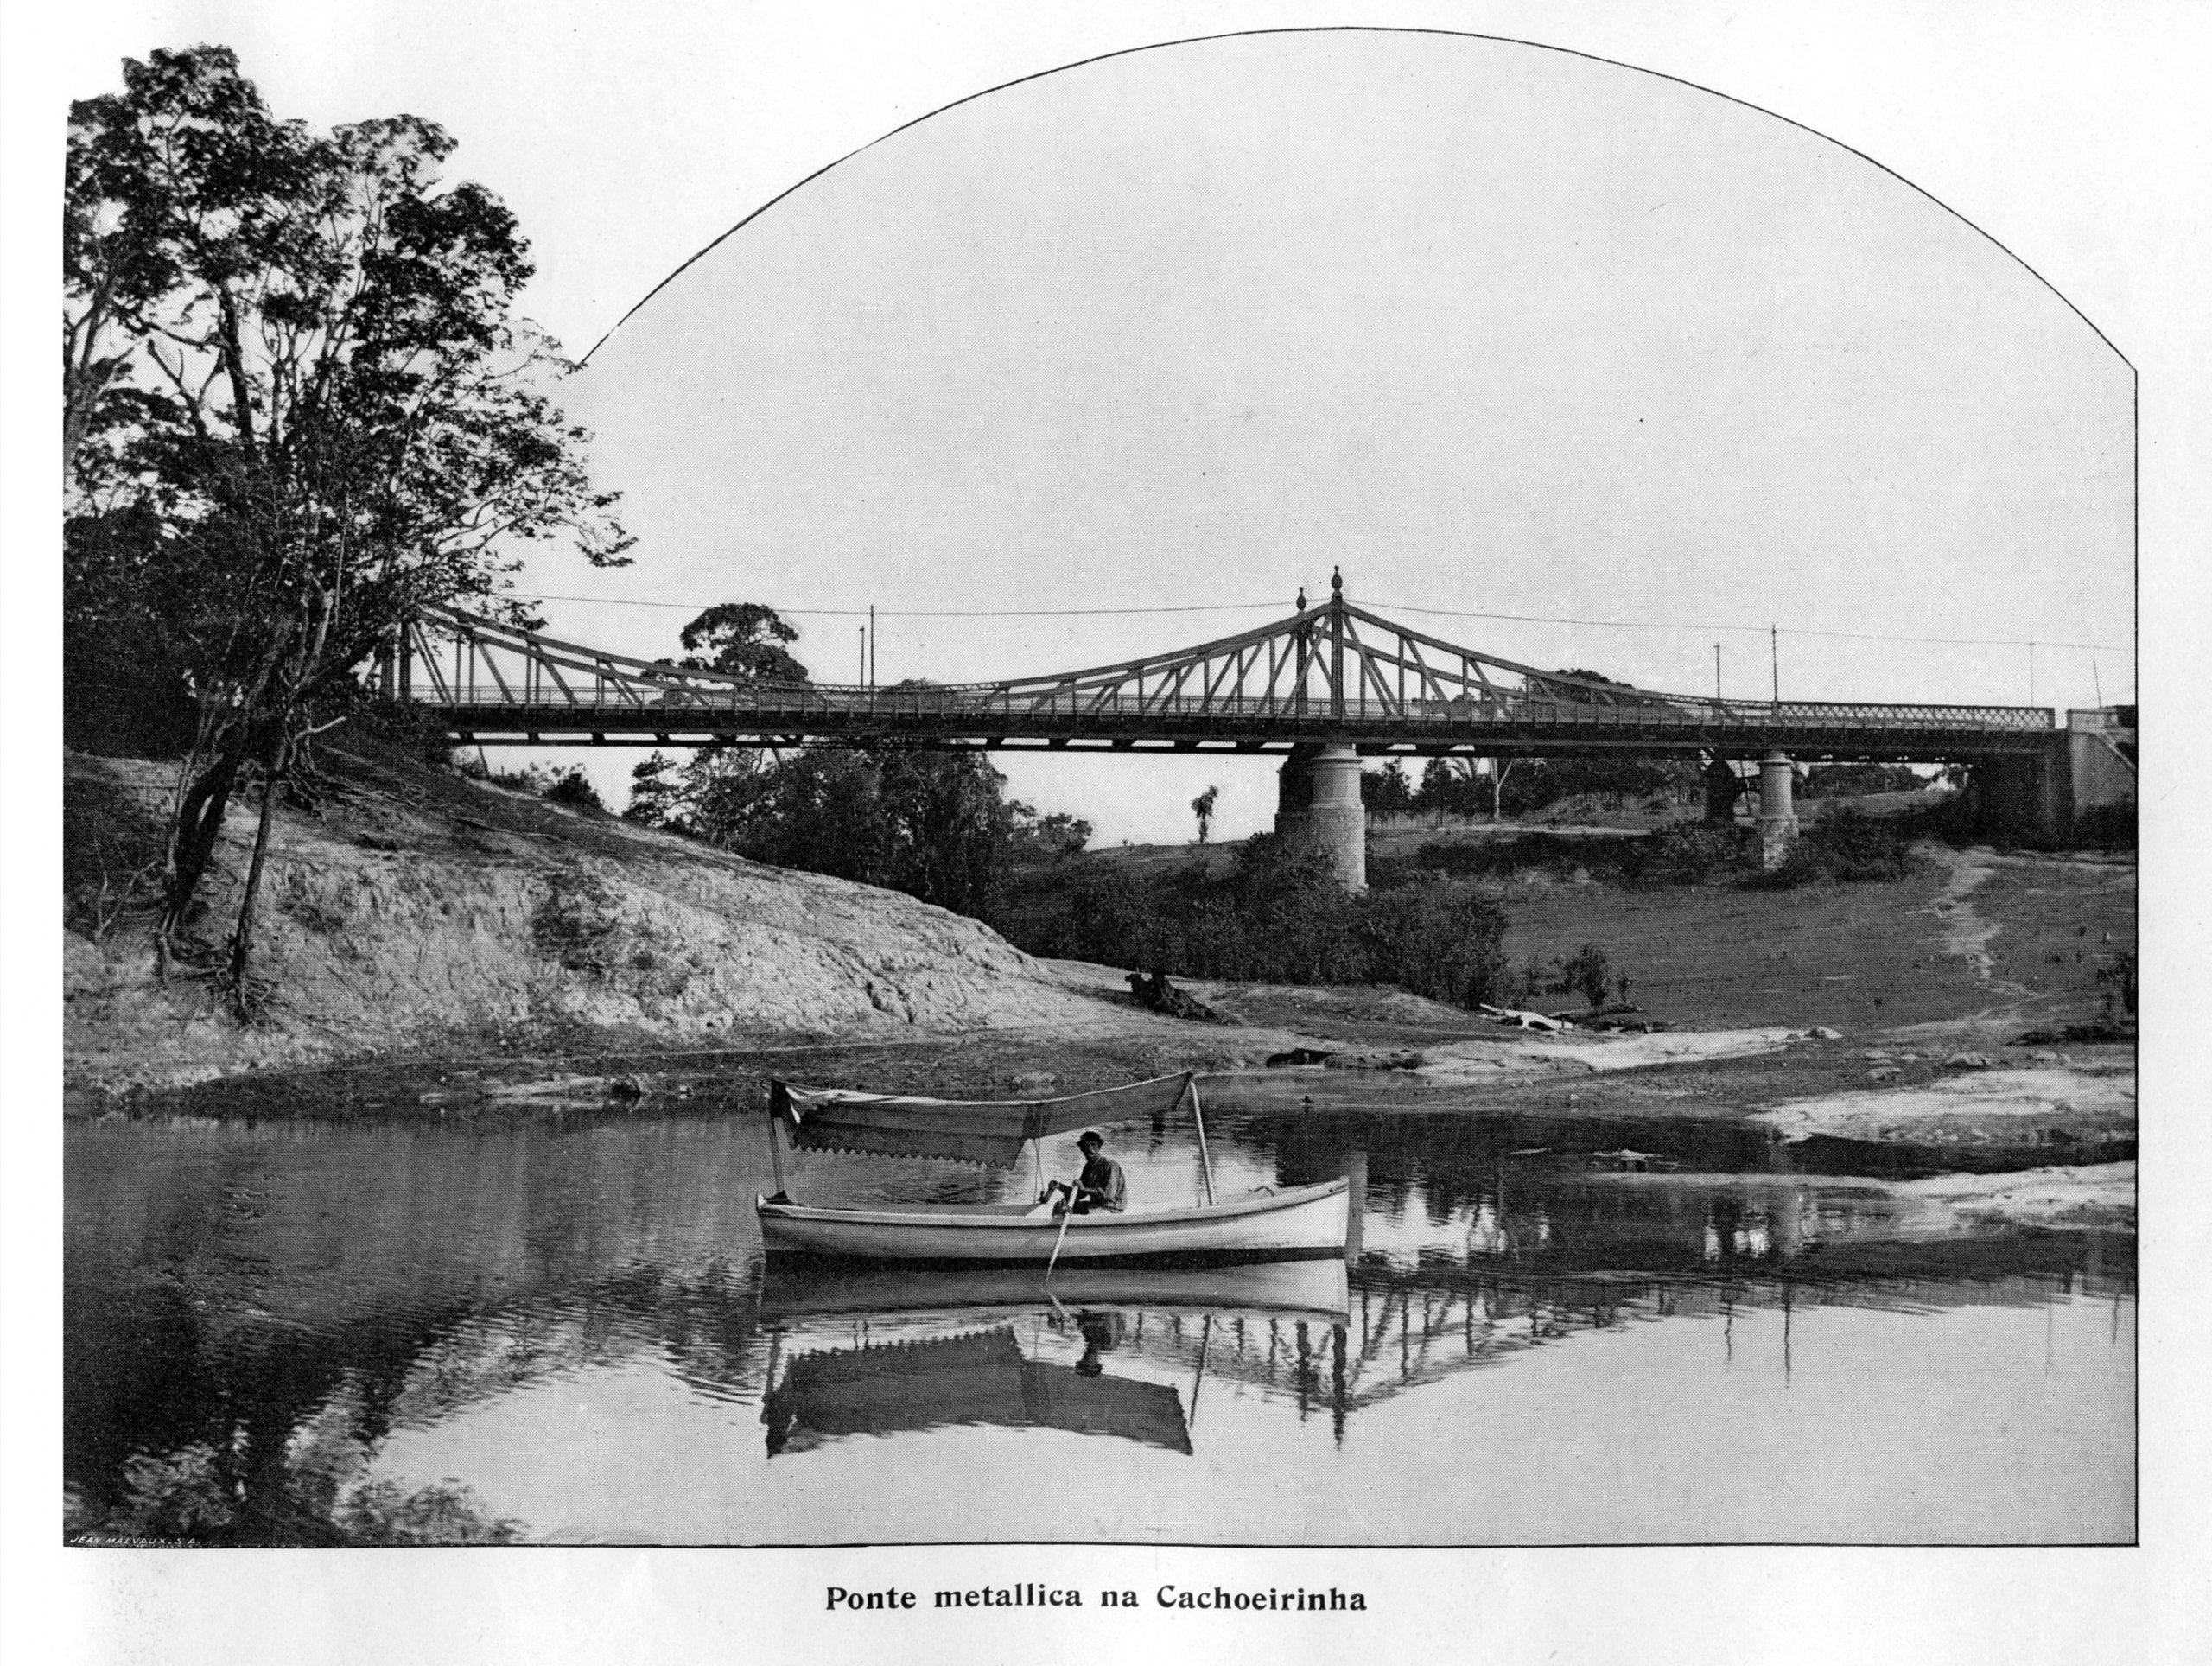 Ponte Metálica da Cachoeirinha